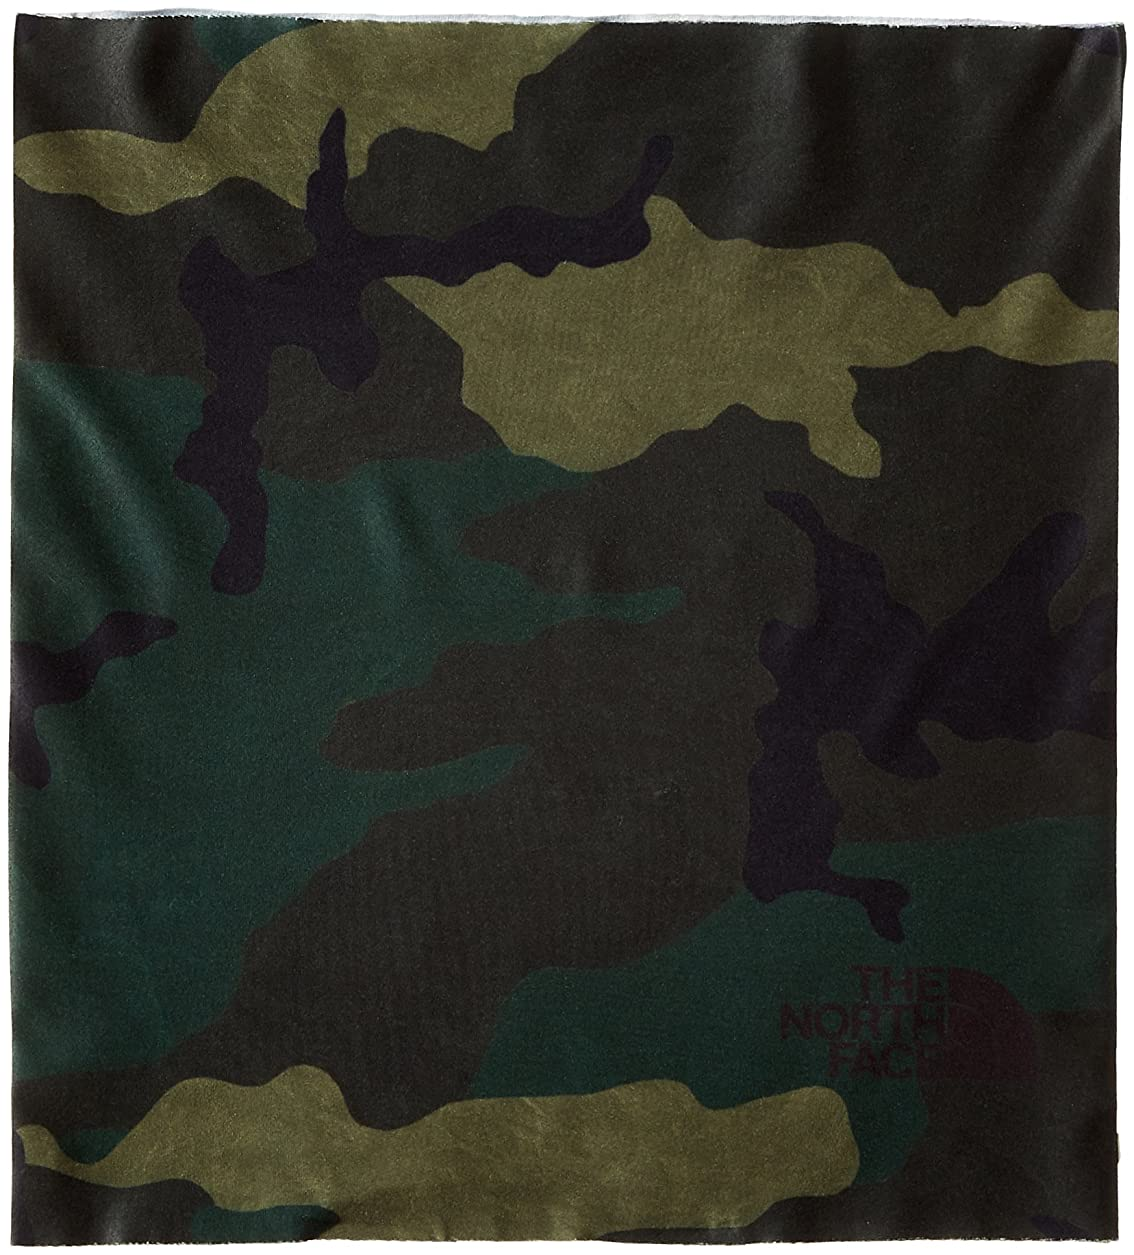 ビート厚い牛[ザノースフェイス] ジプシーカバーイットショート Dipsea Cover-it Short